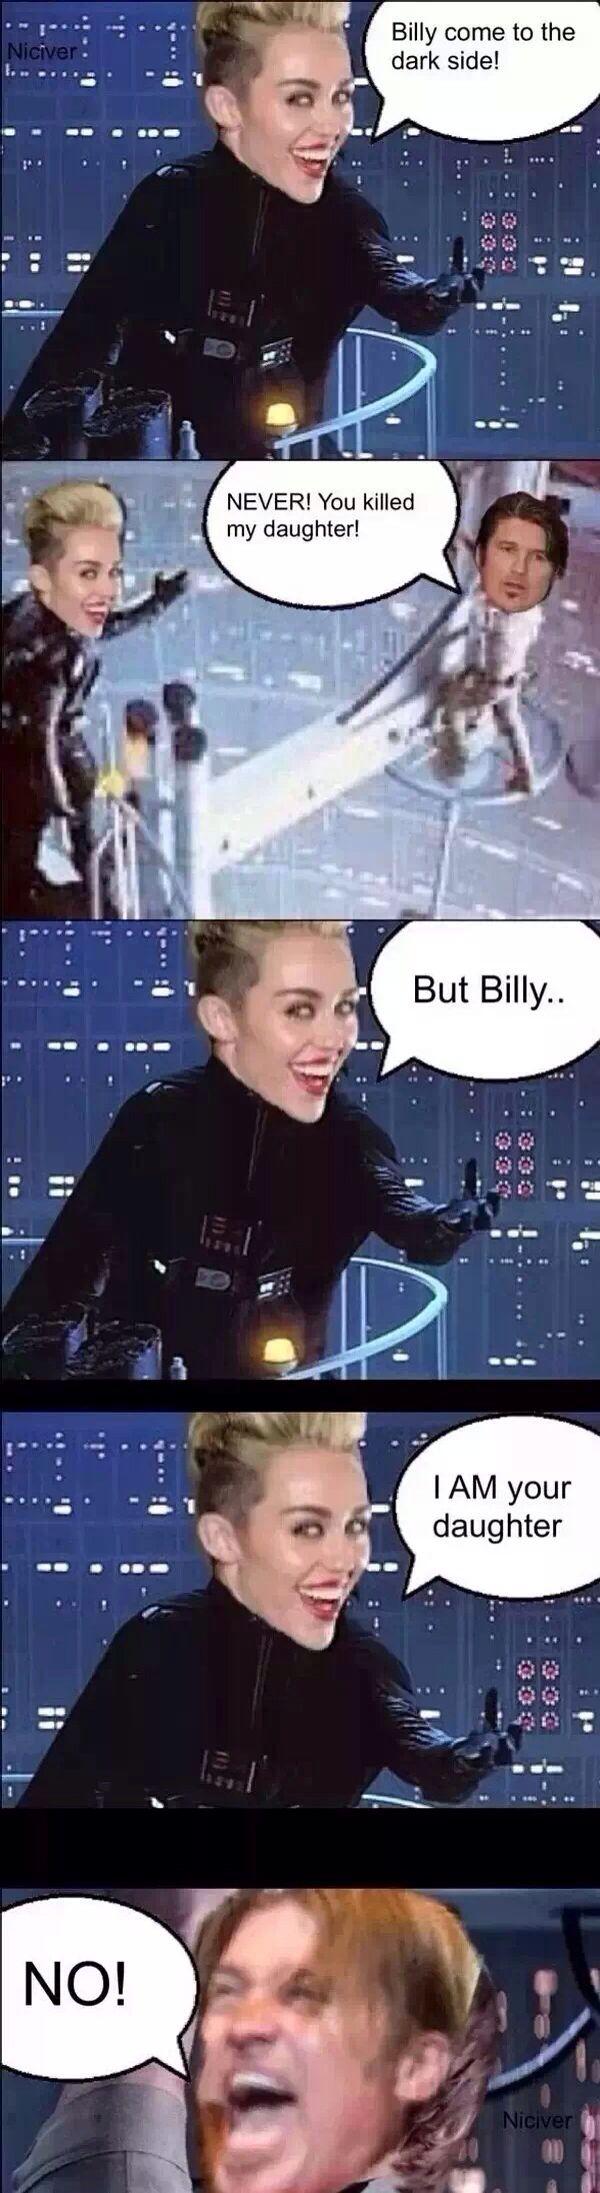 I laughed so hard !